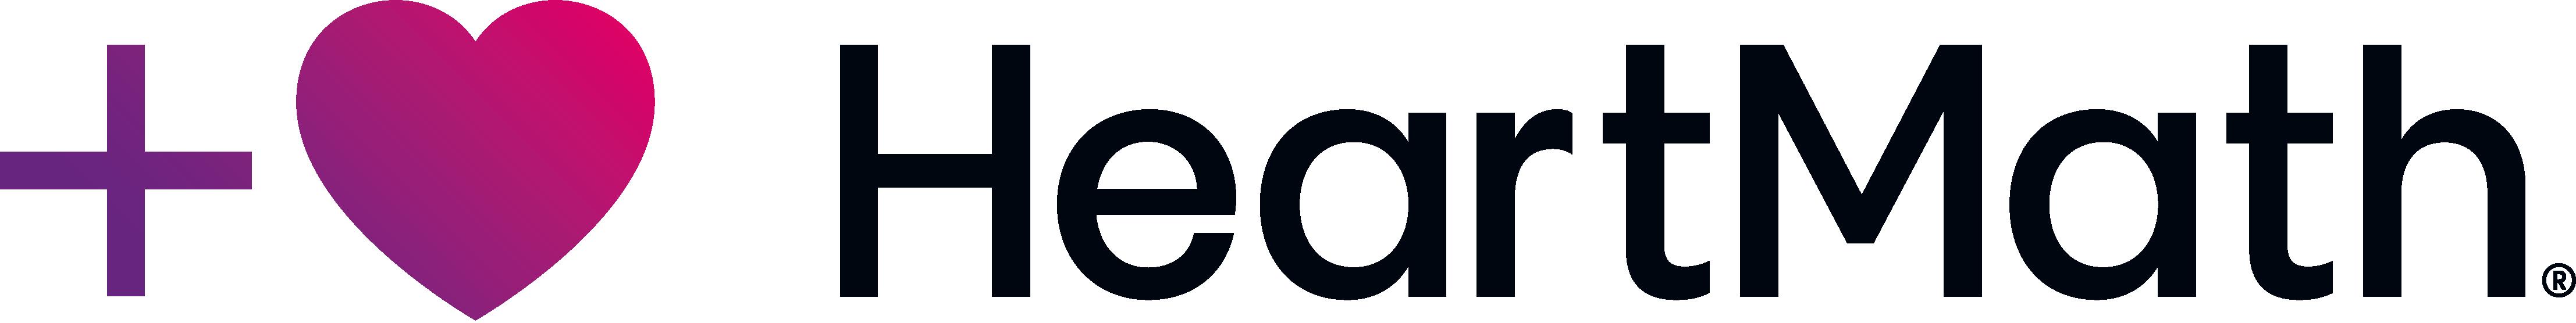 Heart Math logo